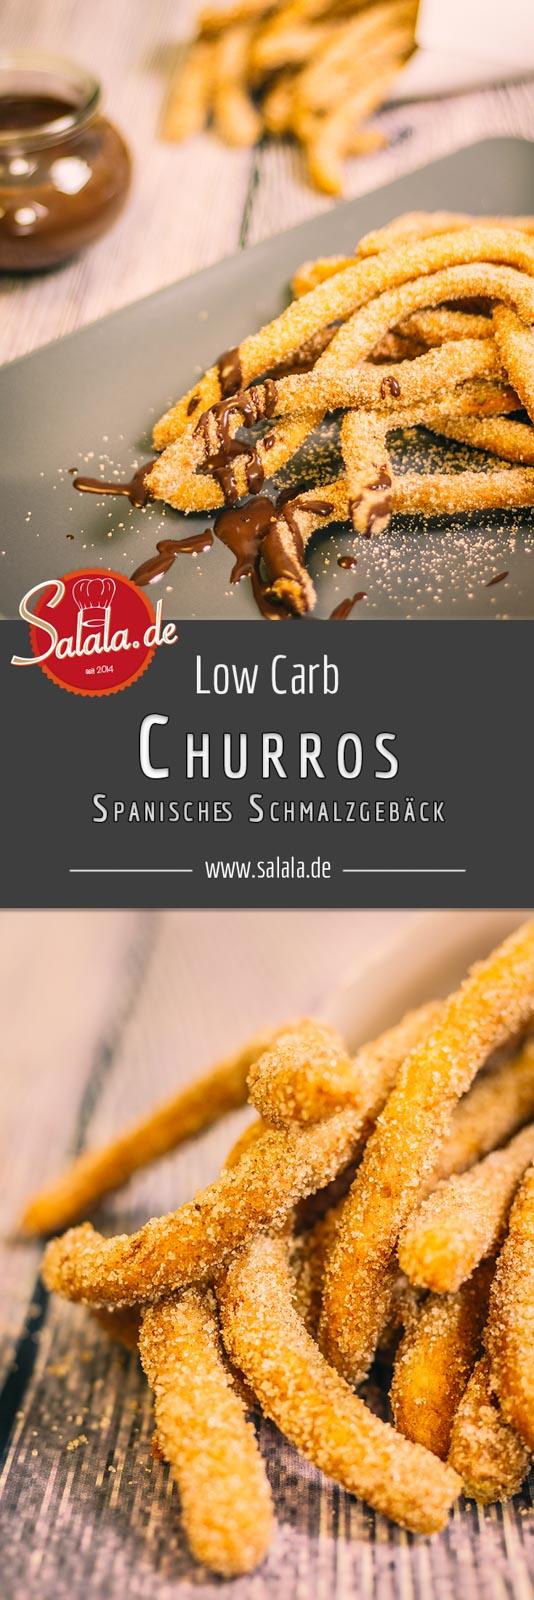 Churros Low Carb Rezept Spanisches Schmalzgebäck ohne Mehl und ohne Zucker Low Carb Brandteig